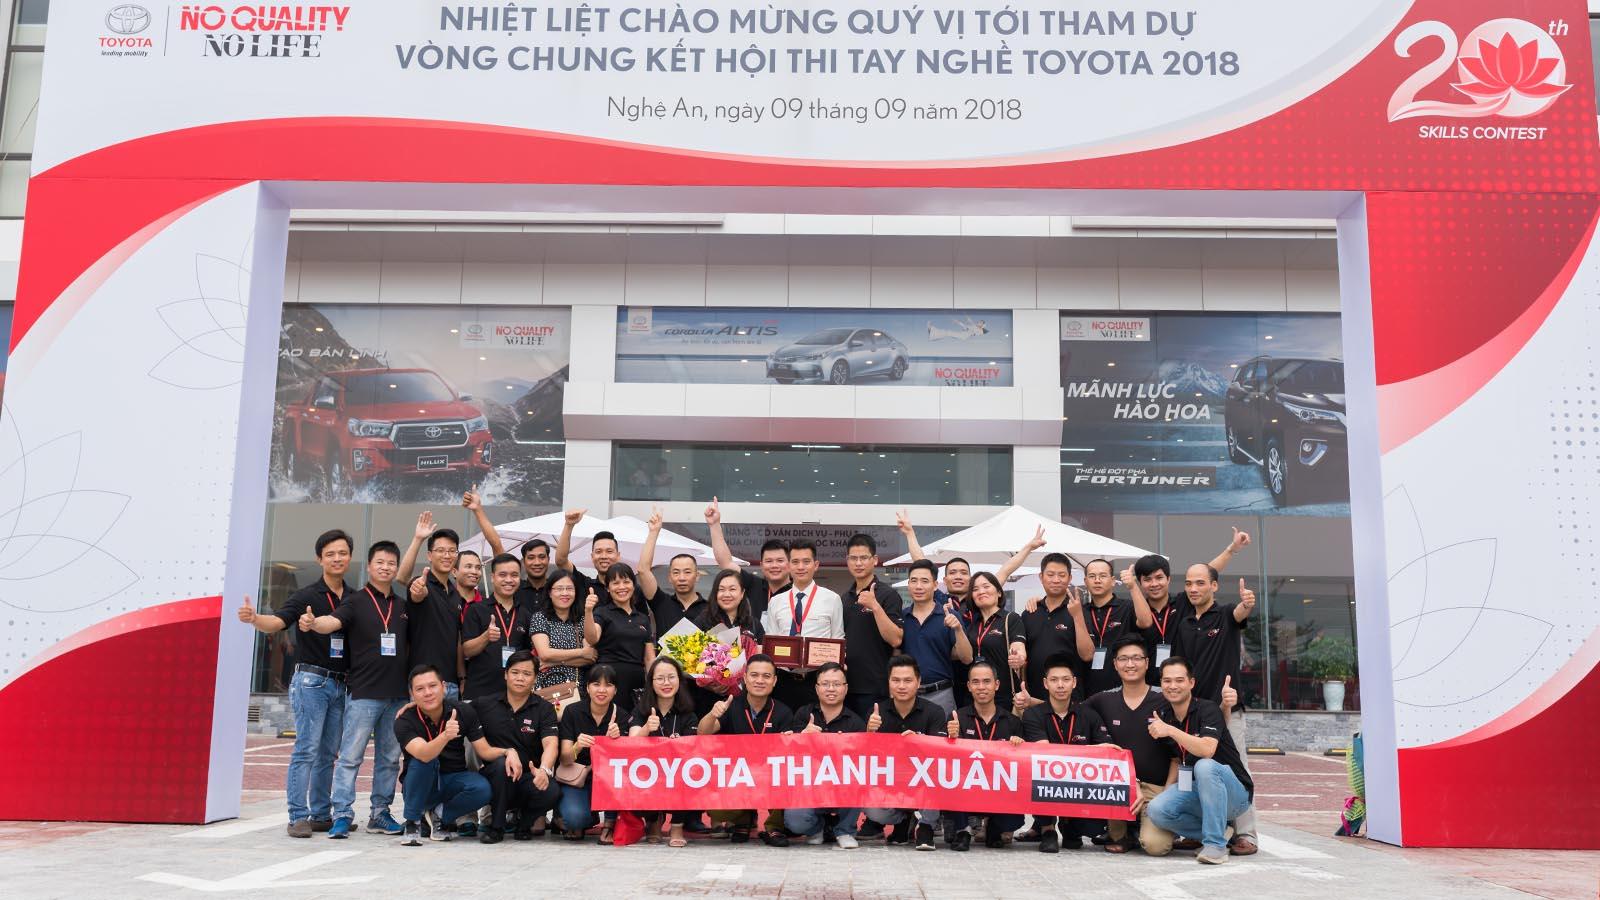 toyota thanh xuan - Giới thiệu Toyota Việt Nam